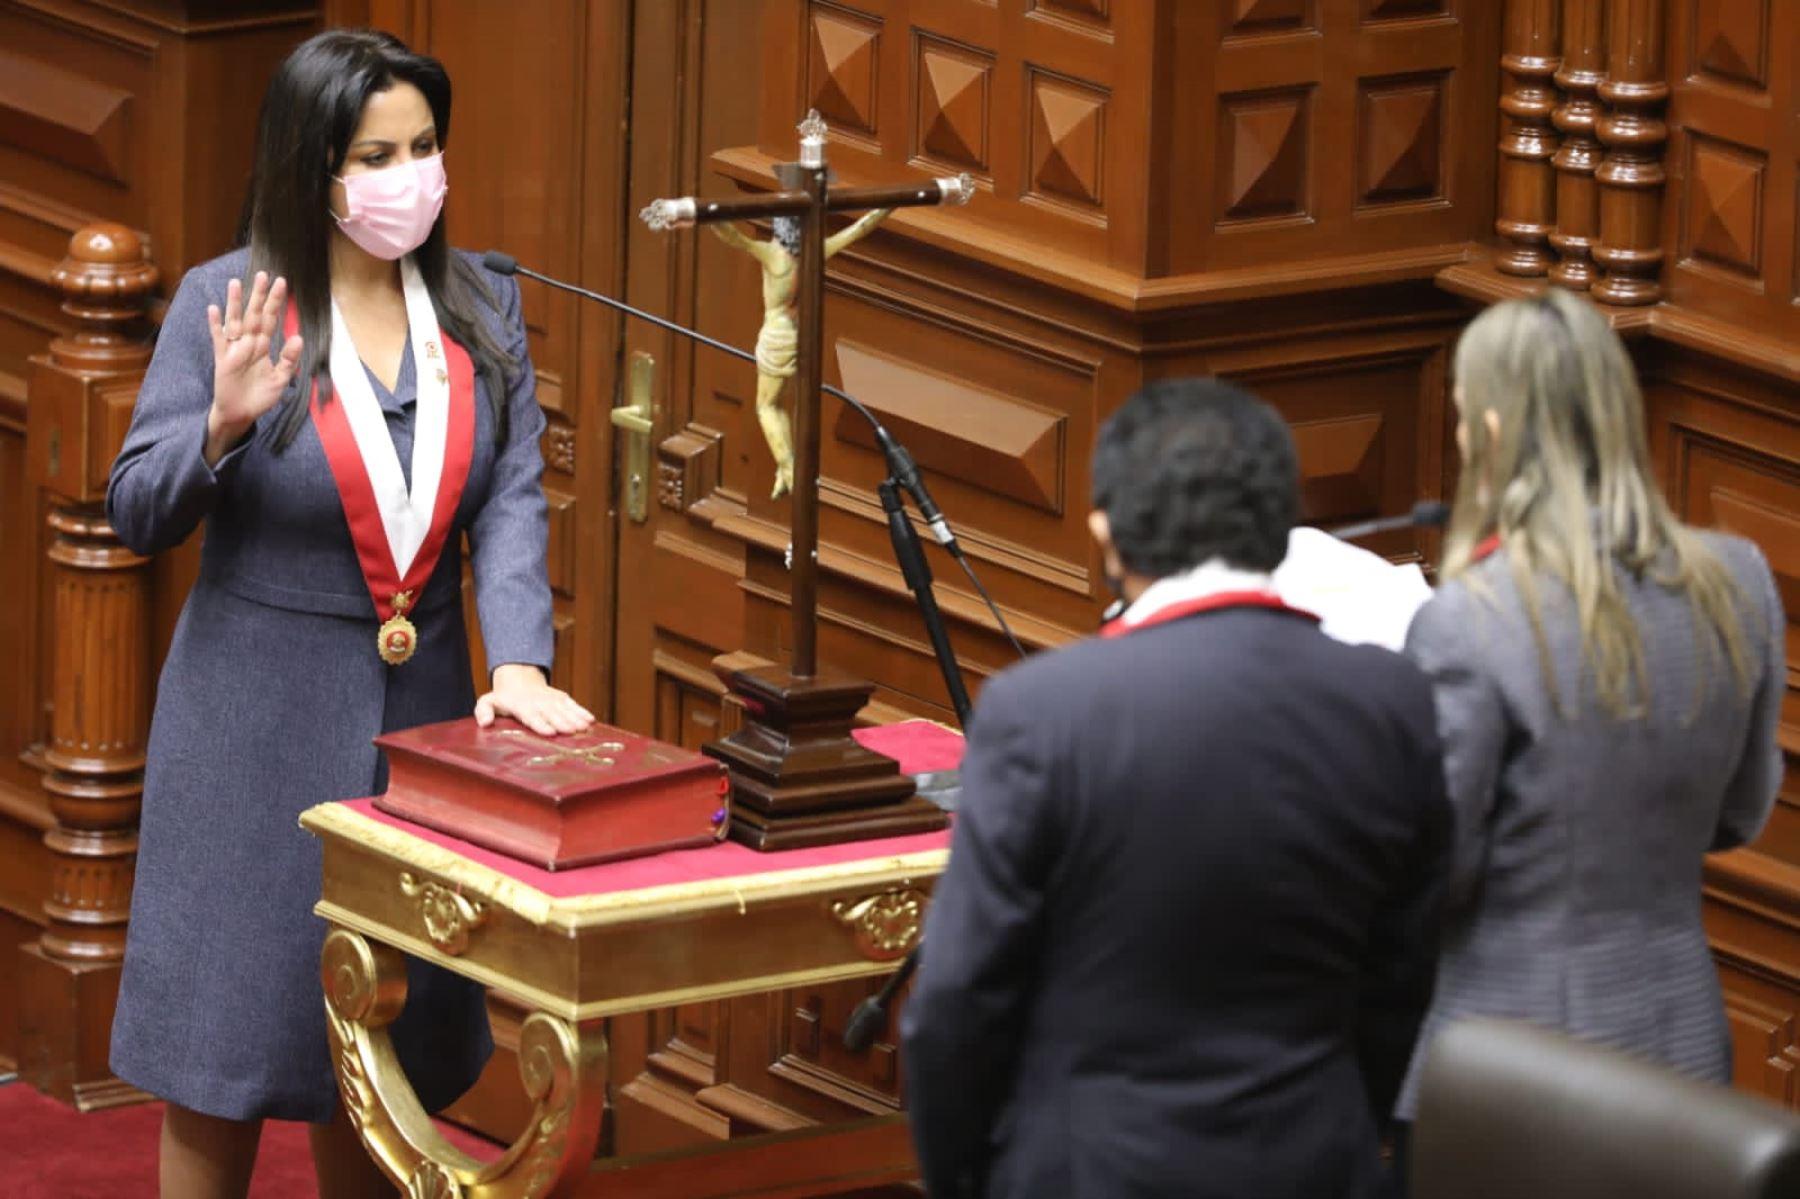 Patricia Rosa Chirinos Venegas (Avanza País), en la tercera vicepresidencia. Foto: Congreso